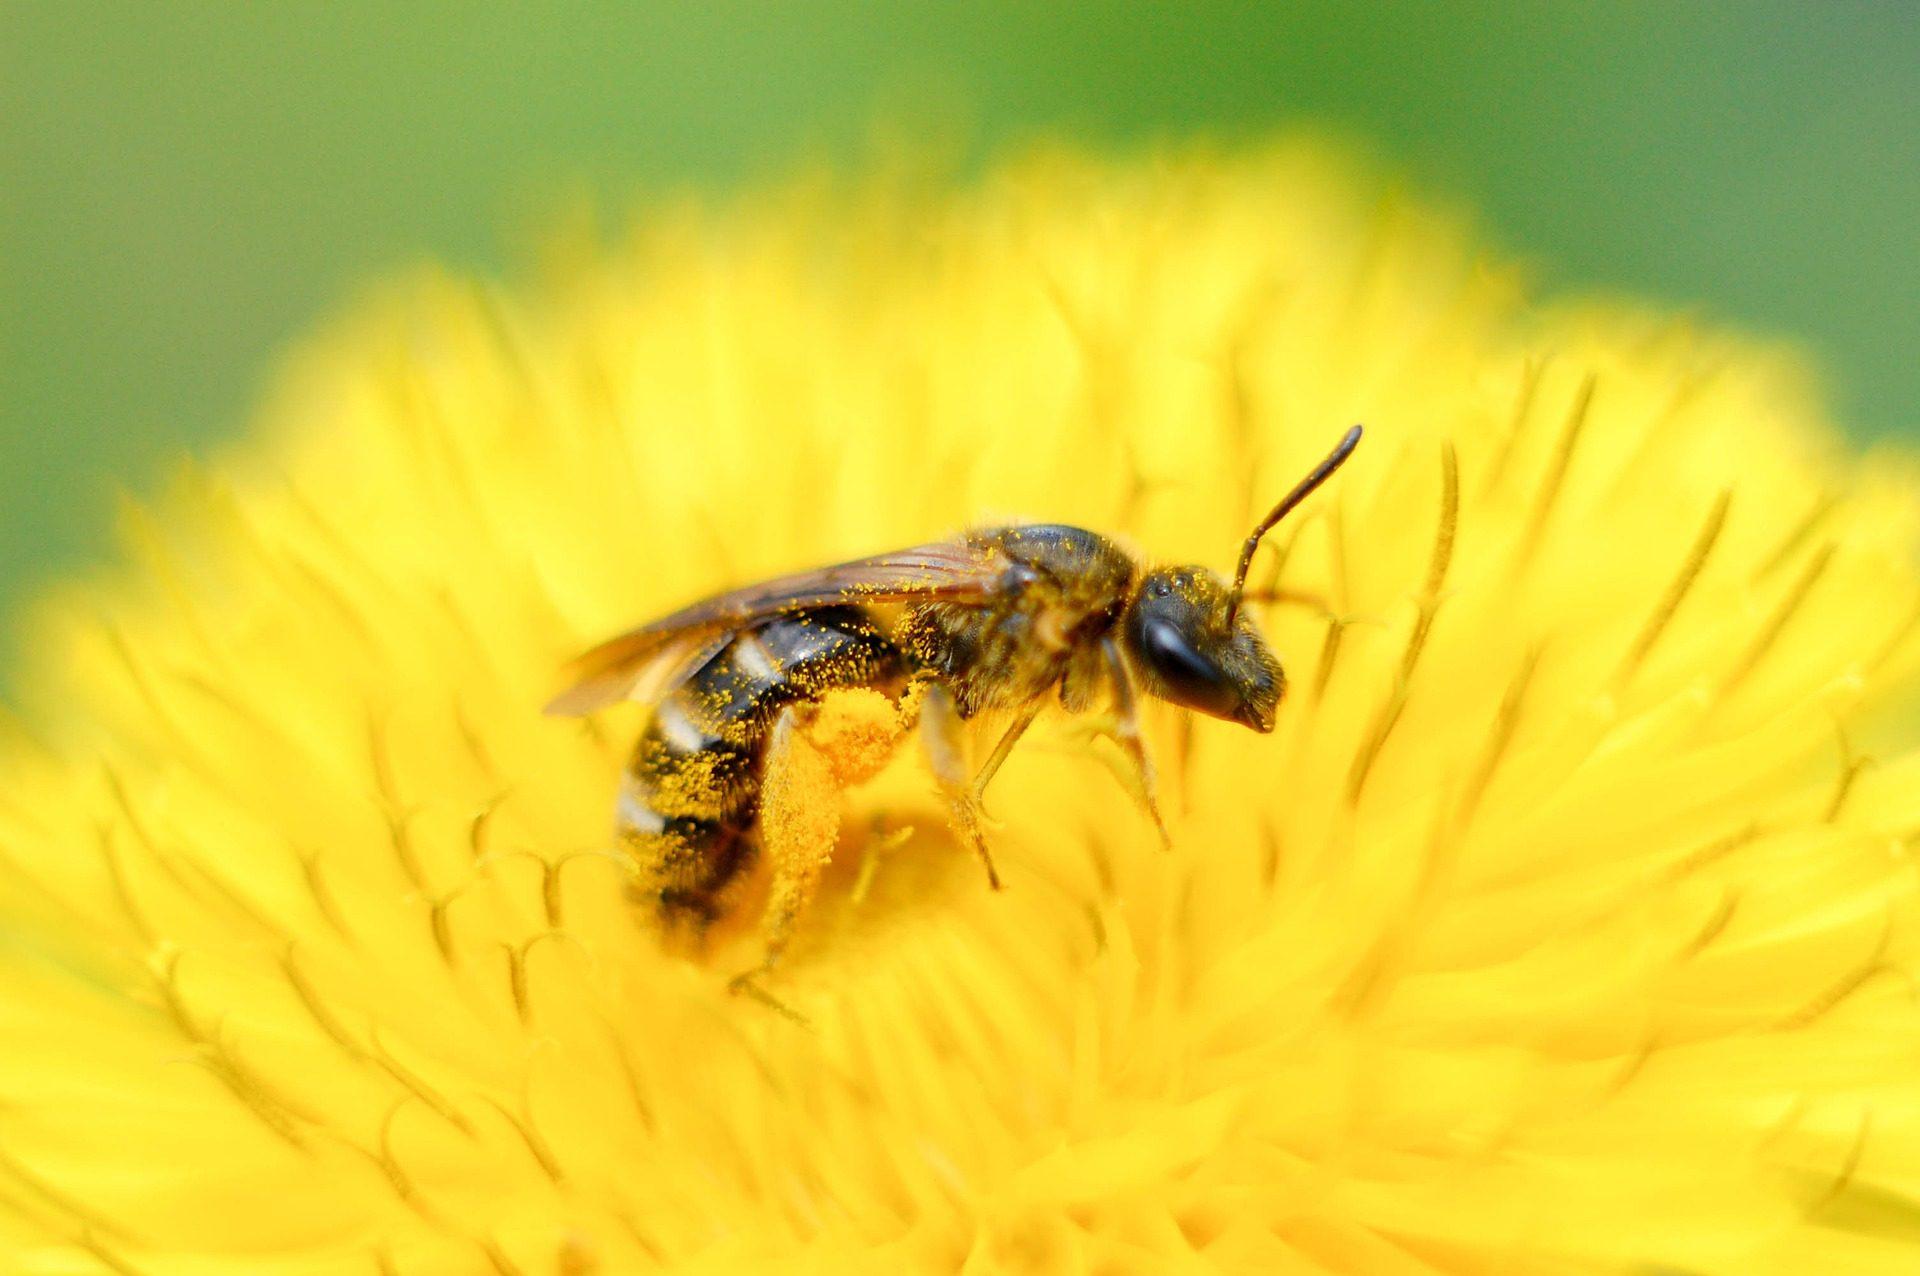 मधुमक्खी, ततैया, फूल, पराग, कीट - HD वॉलपेपर - प्रोफेसर-falken.com